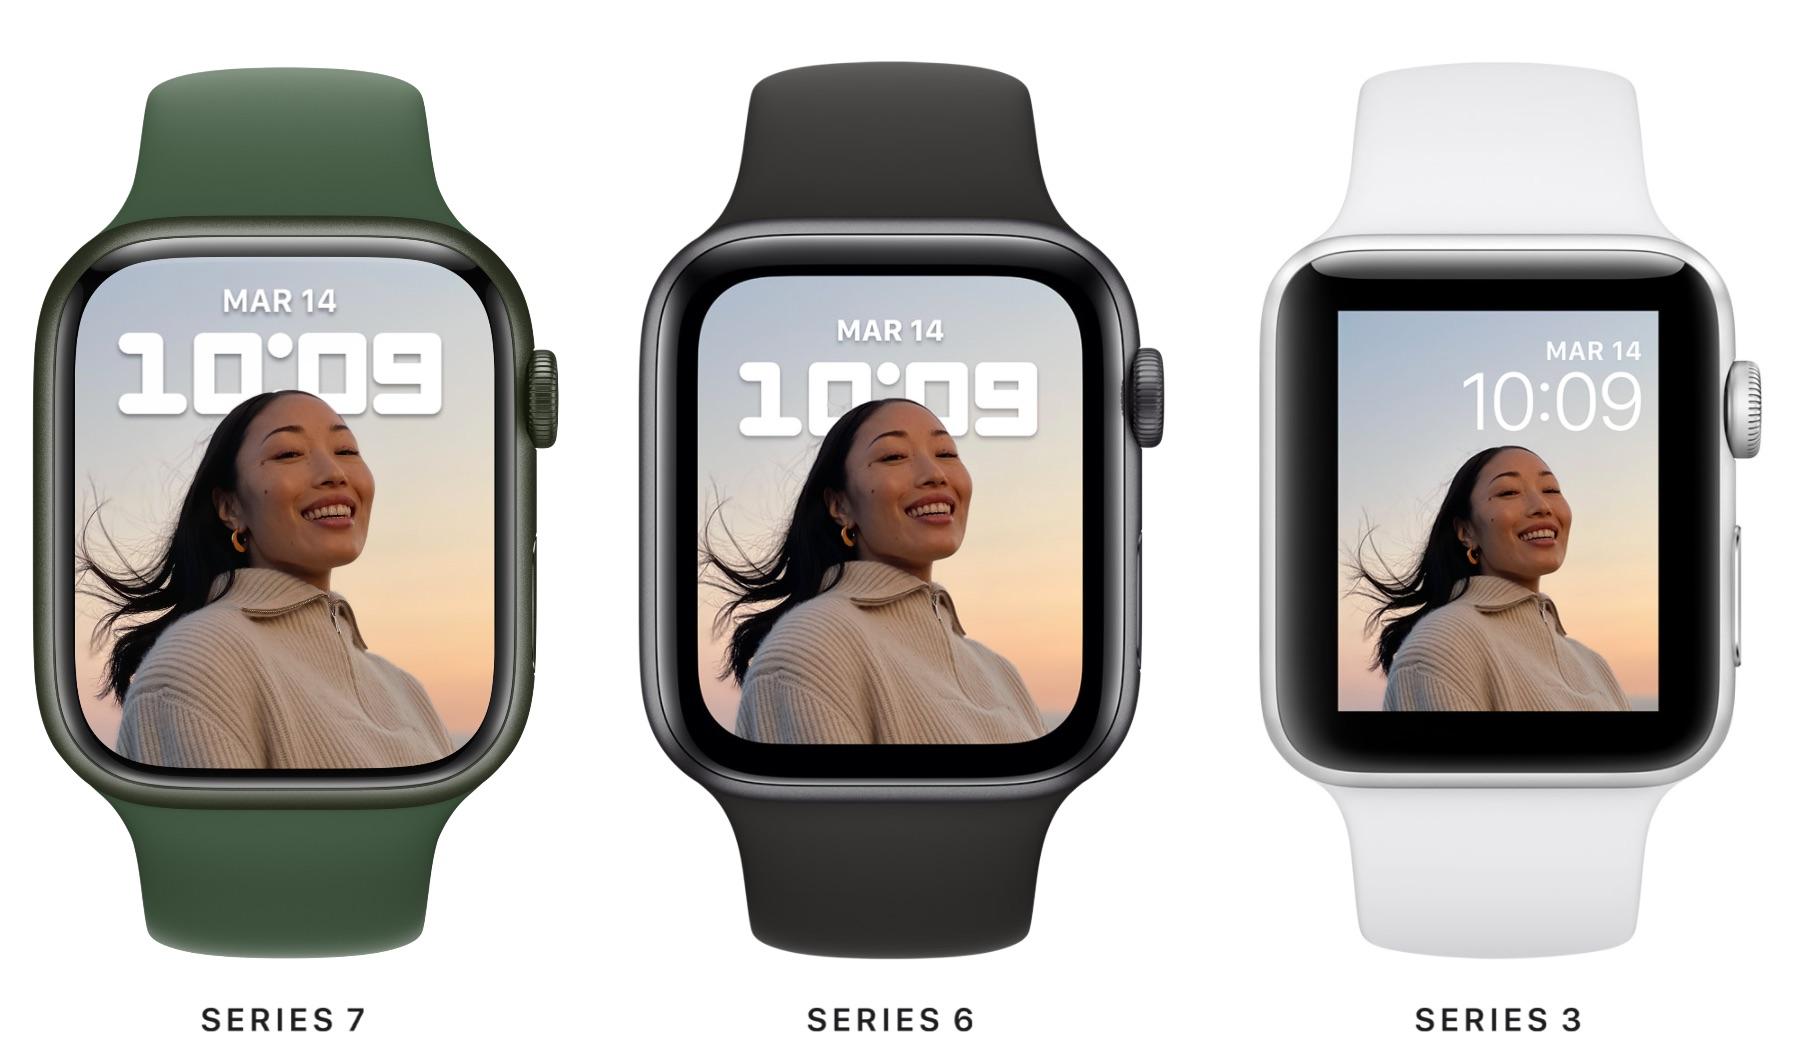 Todos los diseños de Apple Watch desde el Series 3 al Series 7